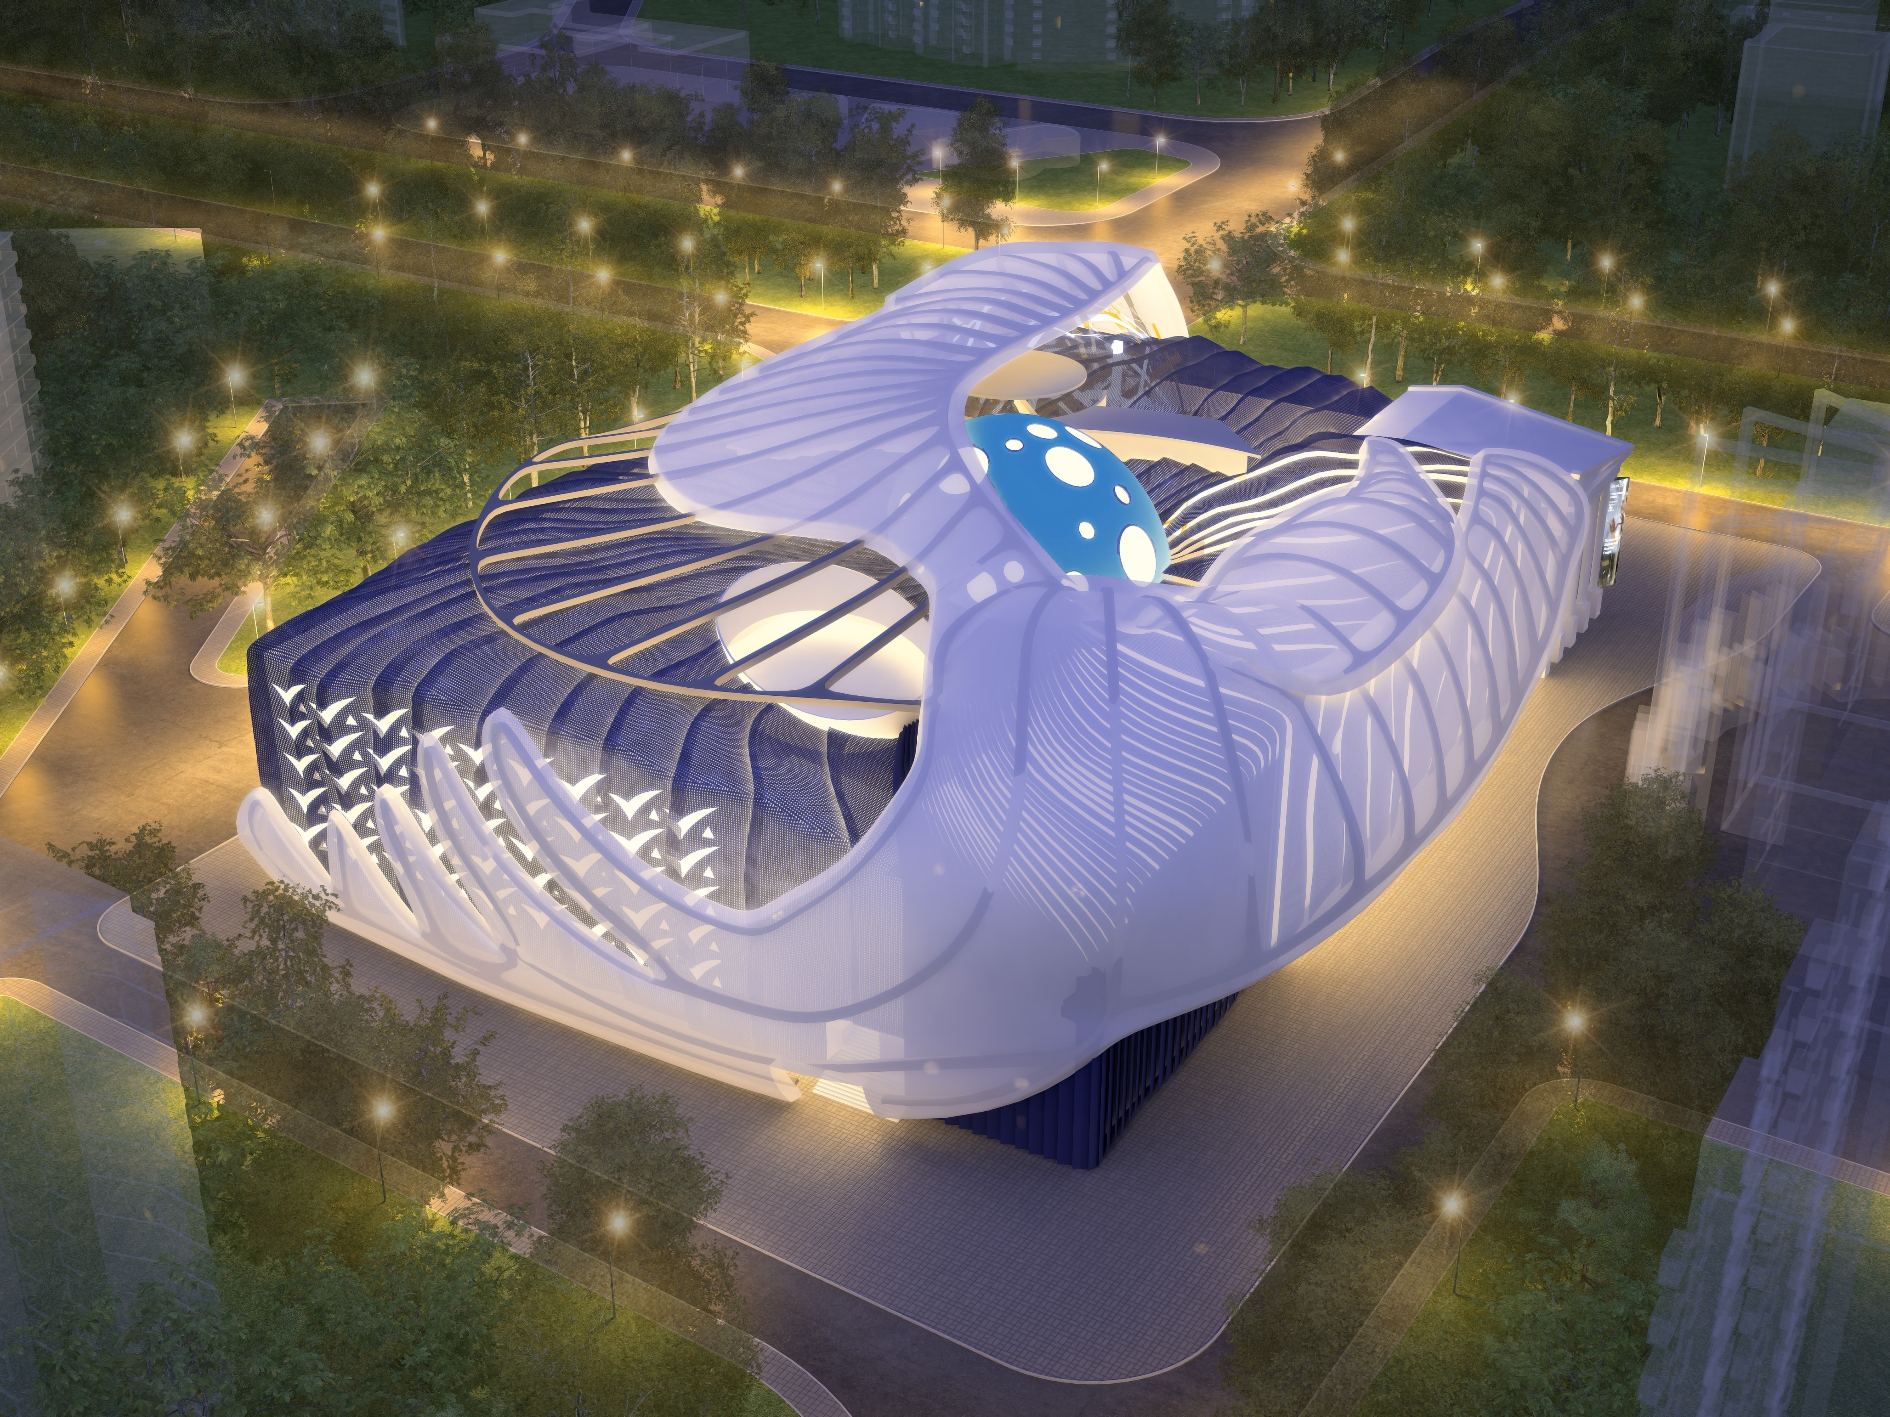 Разработка архитектурной концепции театра оперы и балета фото f_44152e82416004d4.jpg